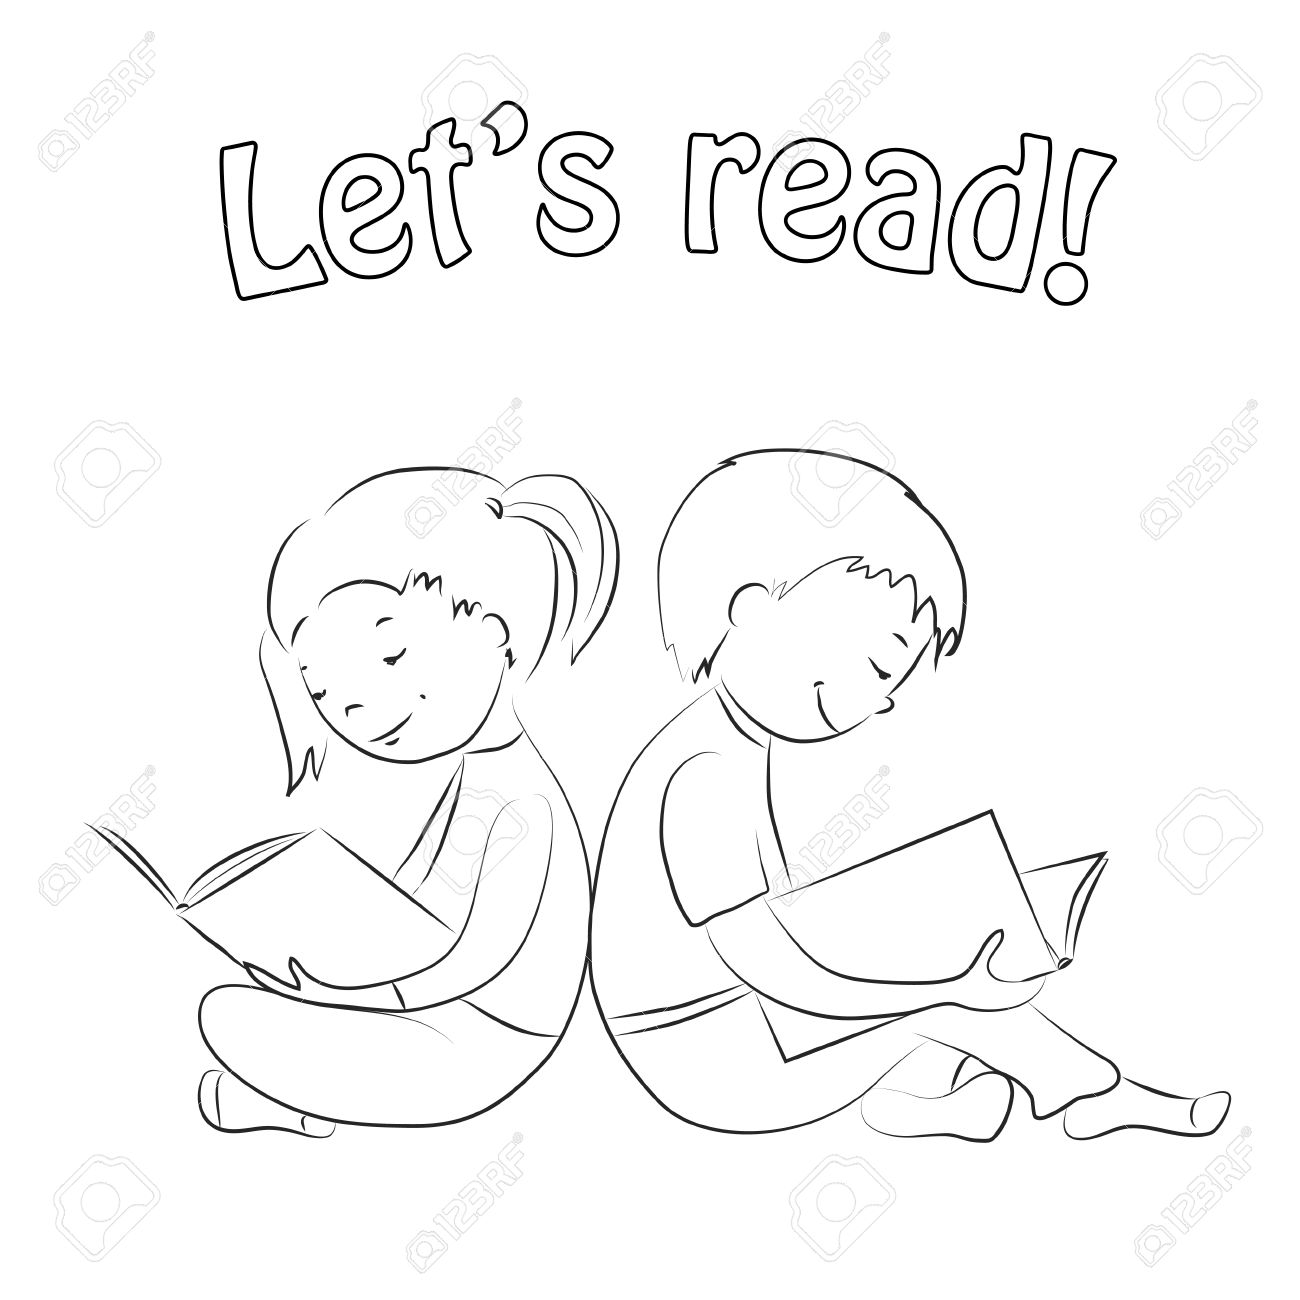 Los Niños Sentados Espalda Con Espalda La Muchacha Y El Muchacho De La Lectura De Libros Contorno Dibujo Para Colorear Dibujado A Mano